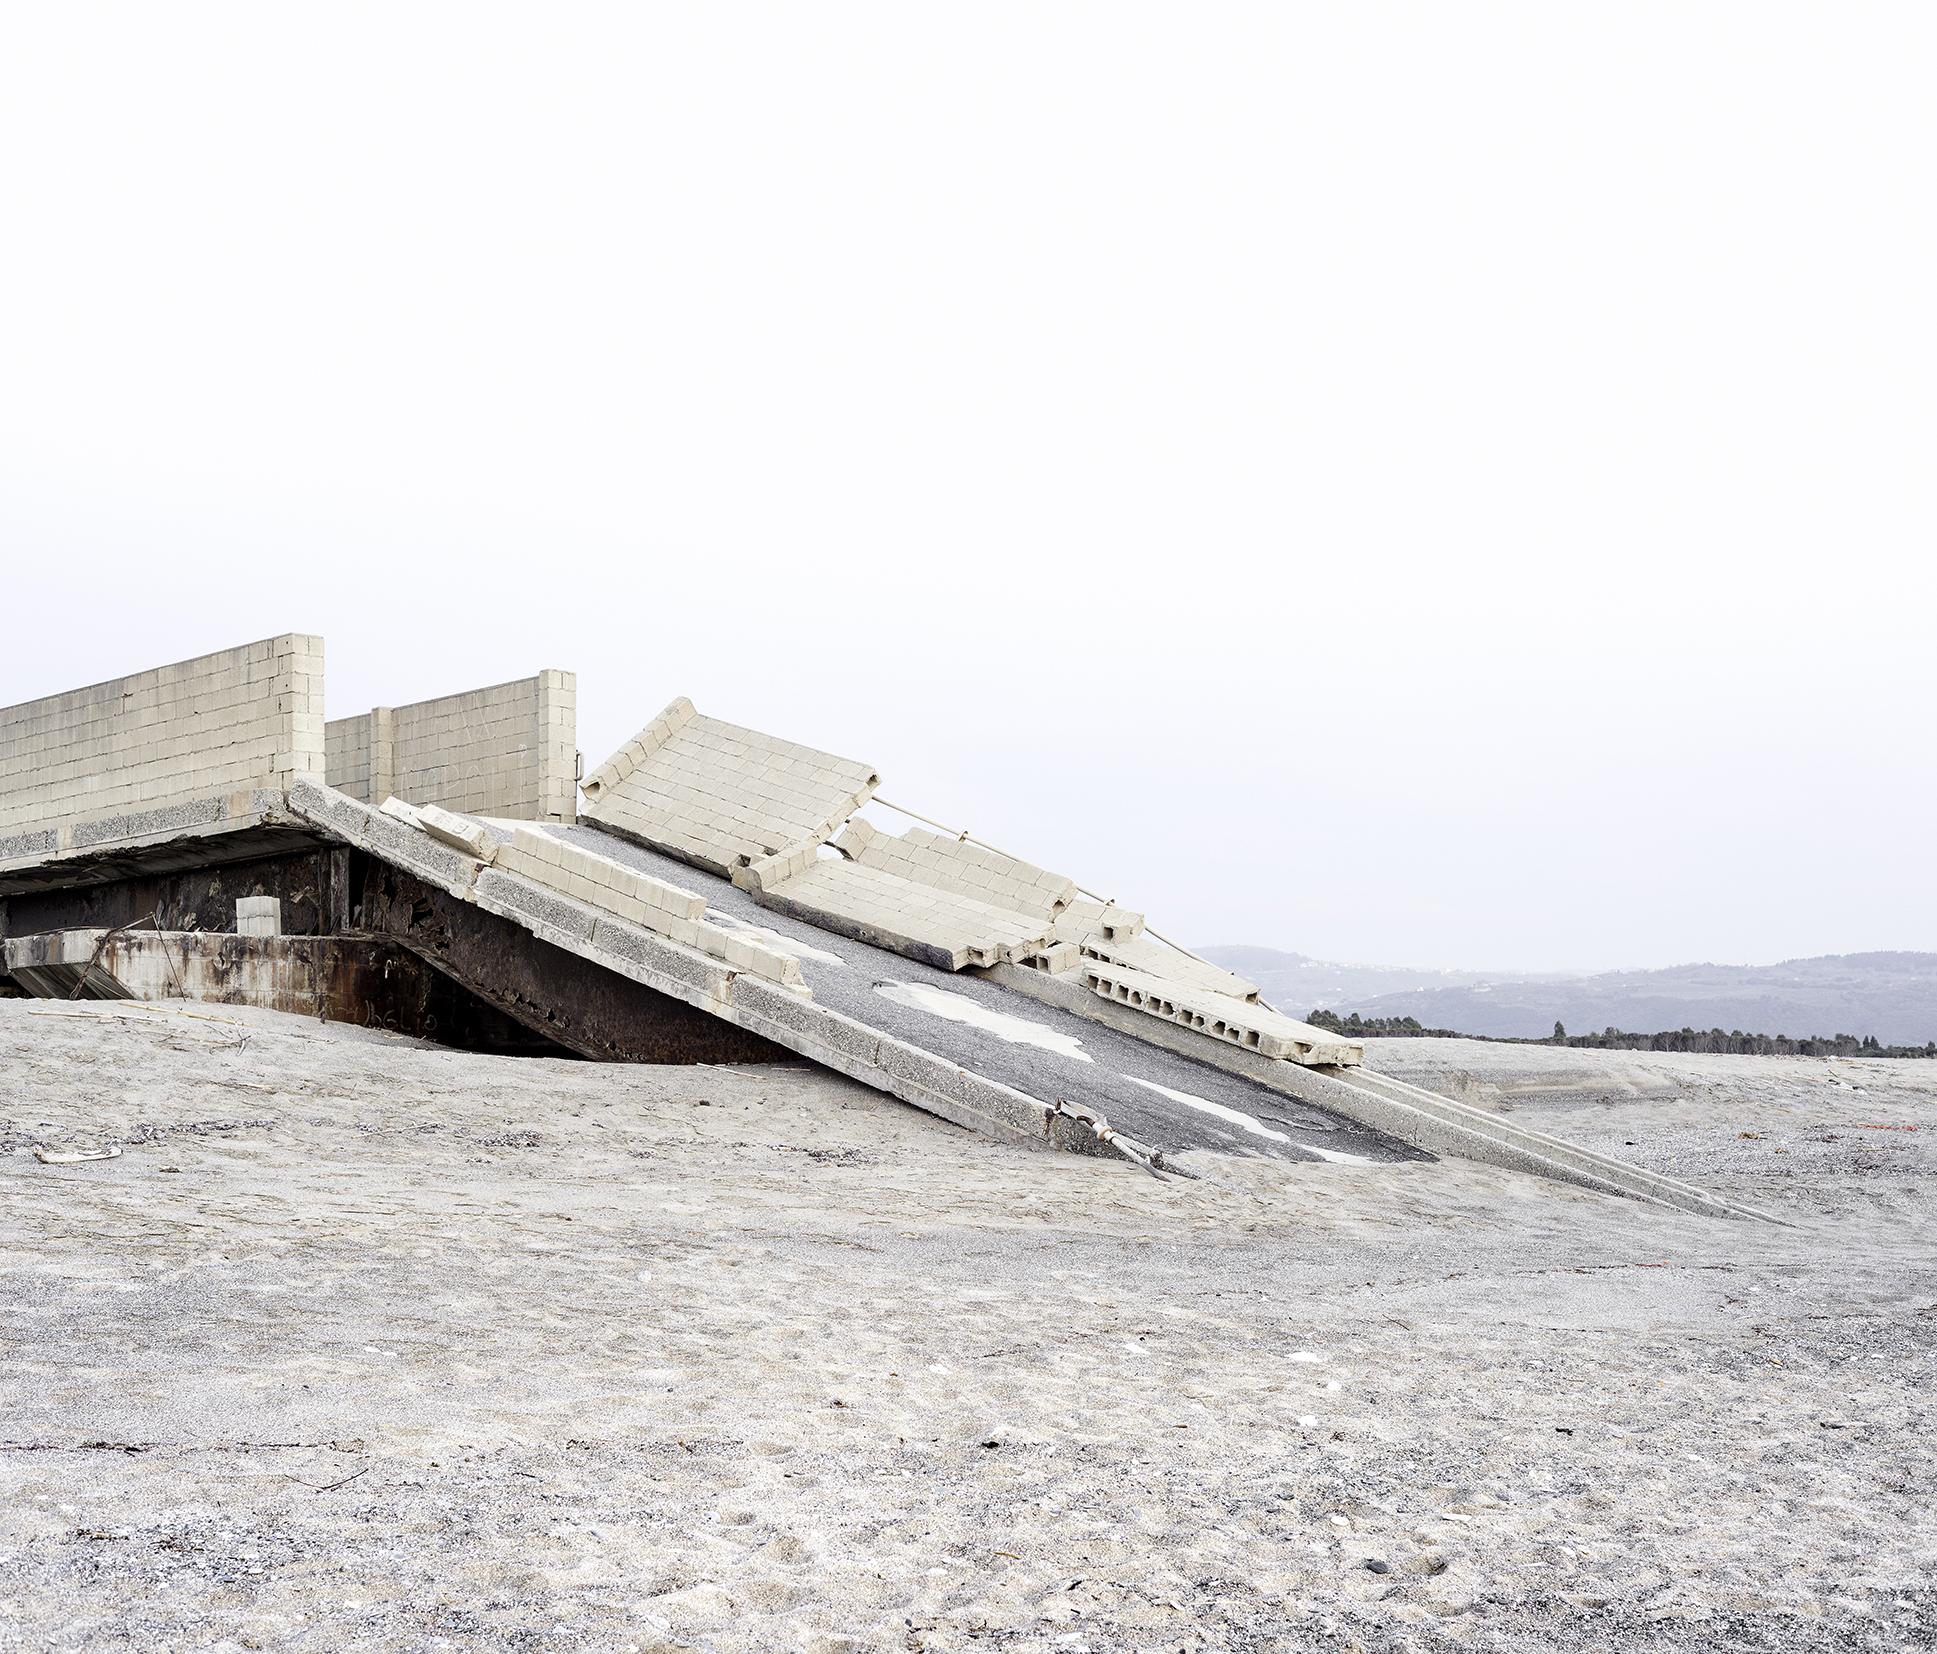 20_amelie_labourdette_empire_of_dust_photographie_art_contemporain.jpg